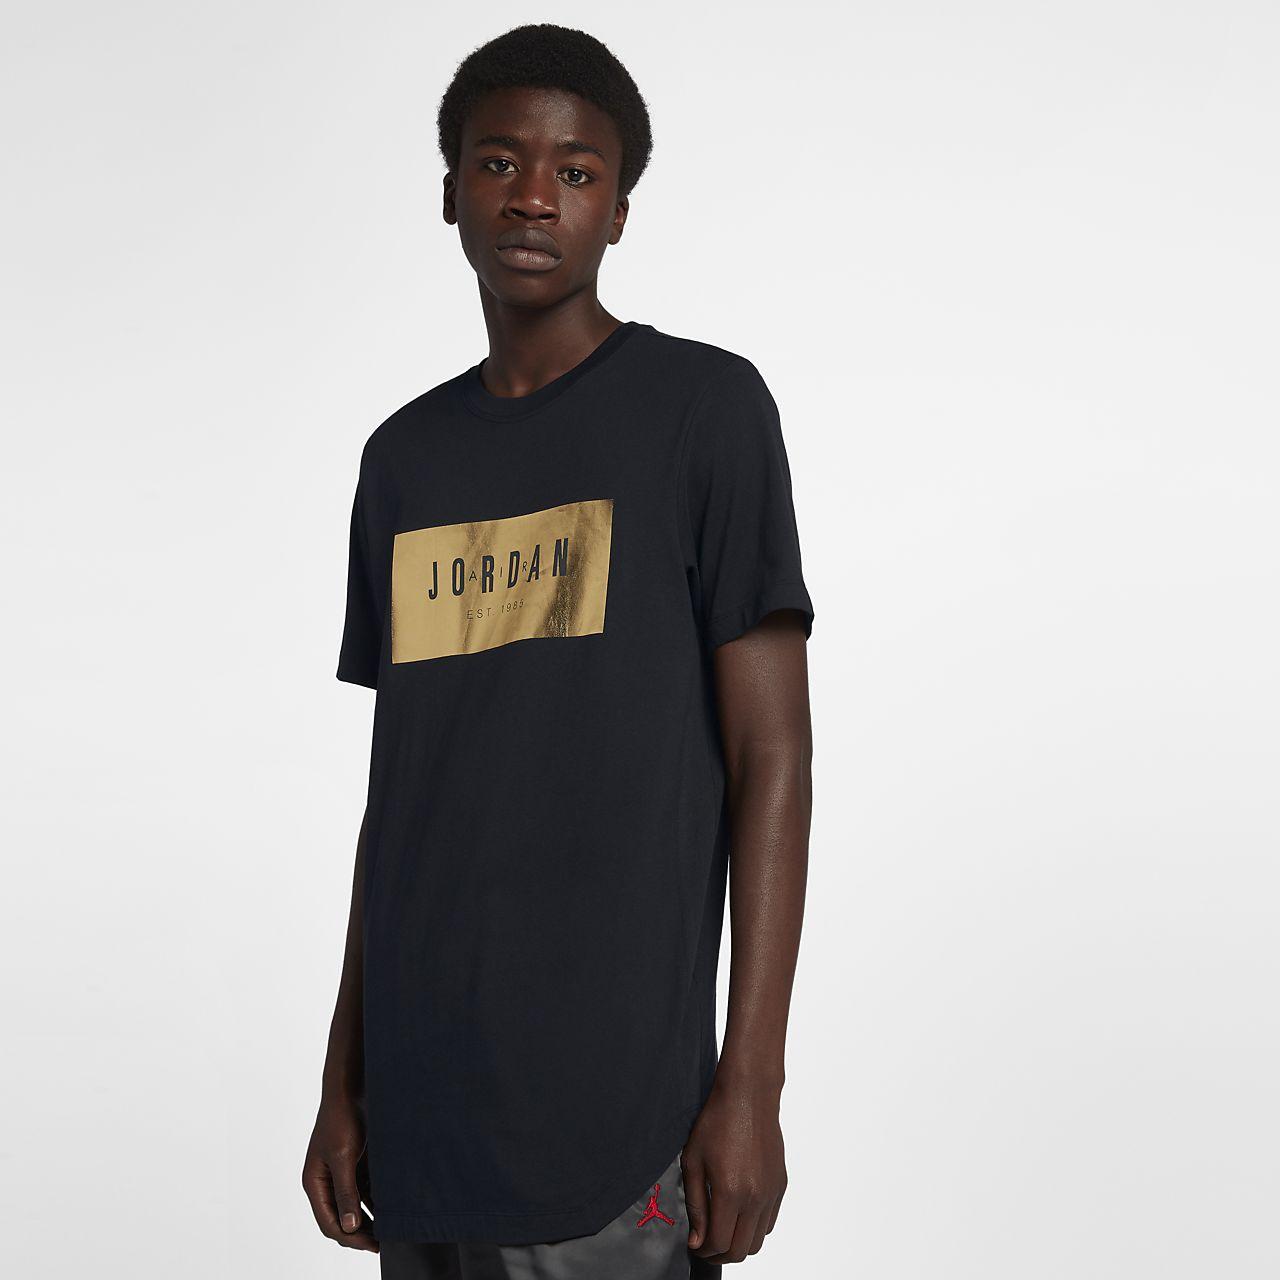 ジョーダン スポーツウェア アルトヘム フォイル メンズ Tシャツ